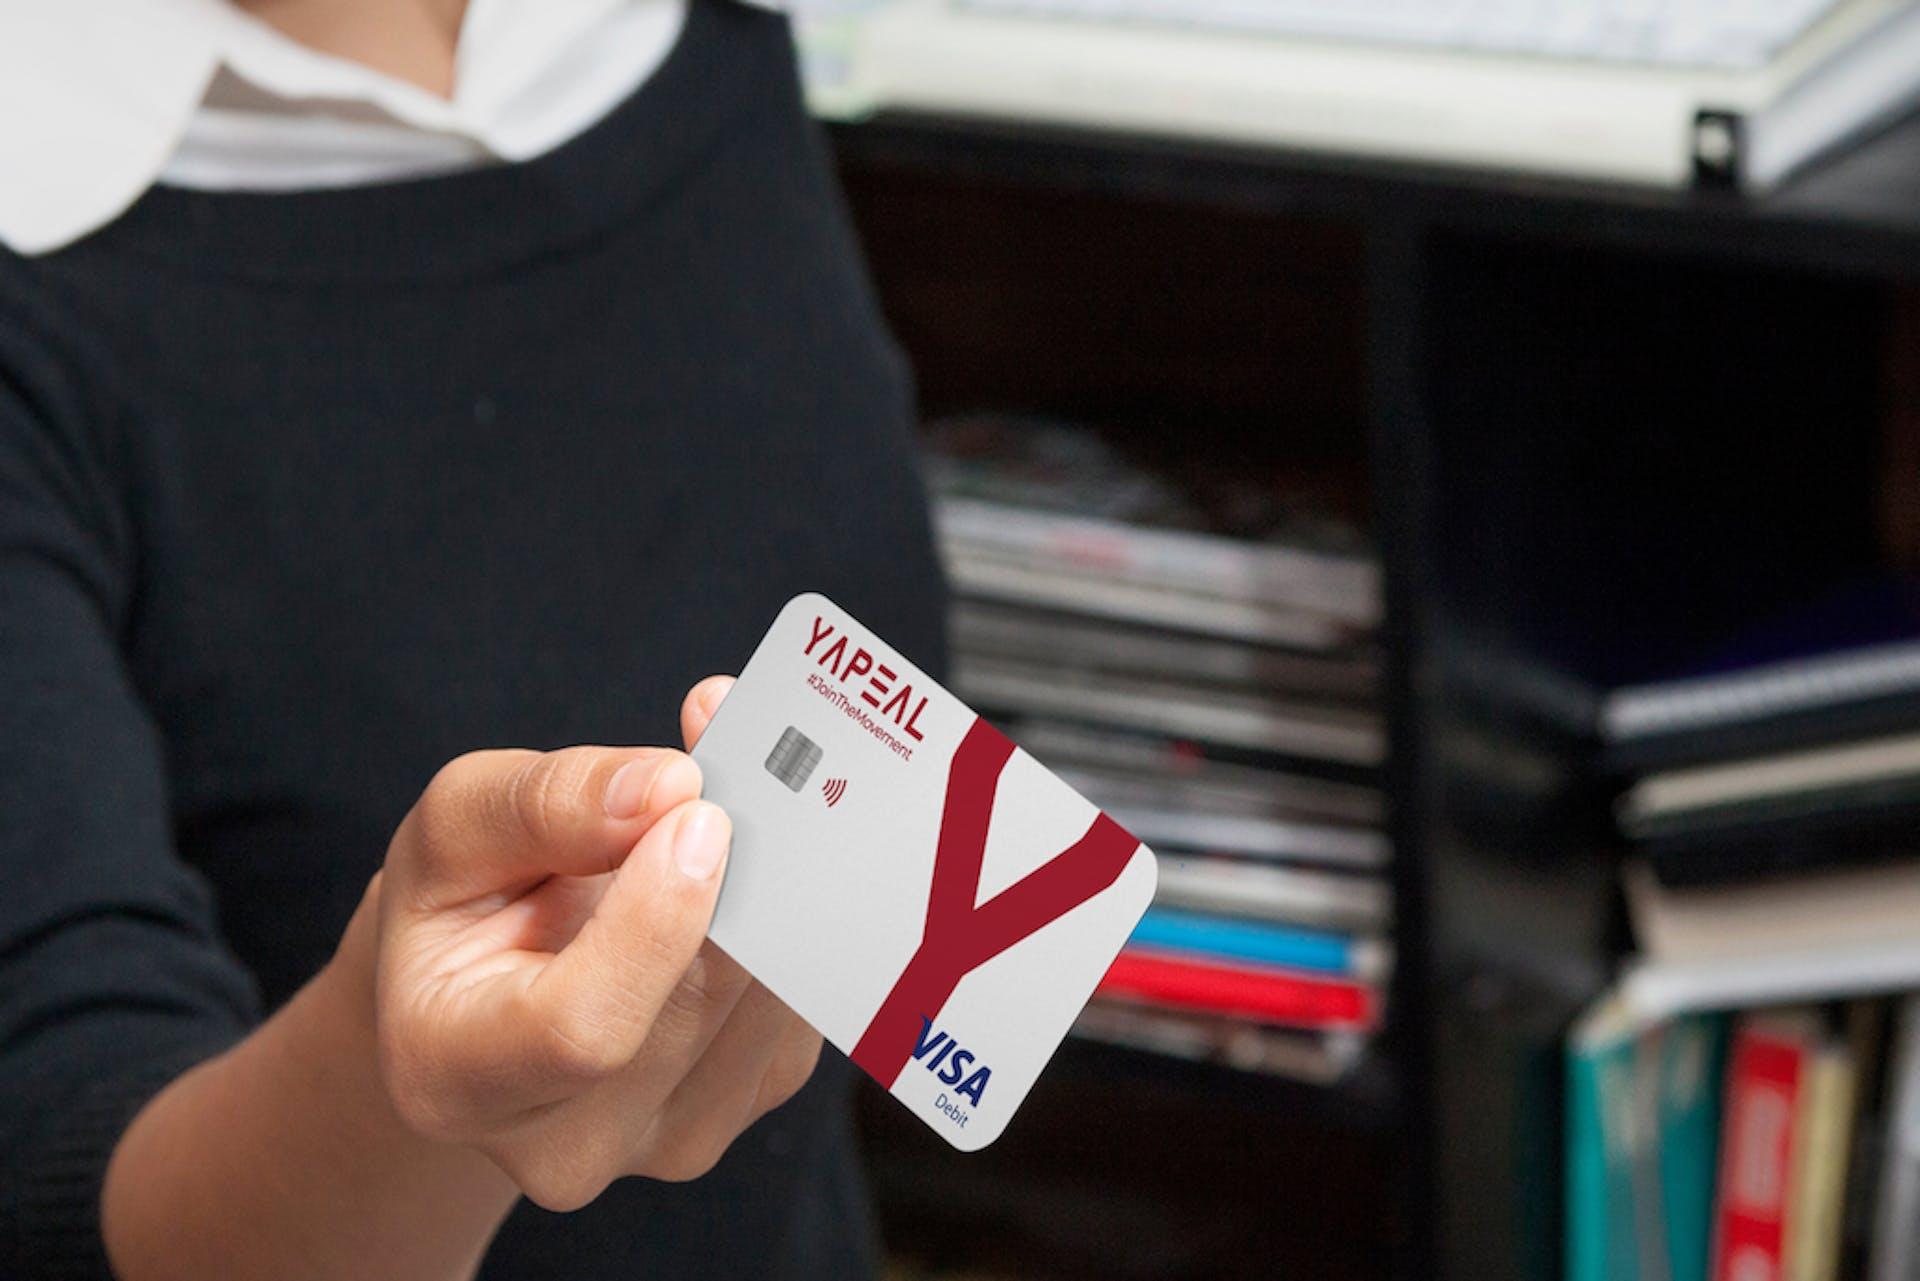 Foto Frau hält YAPEAL Kreditkarte Visa in die Kamera